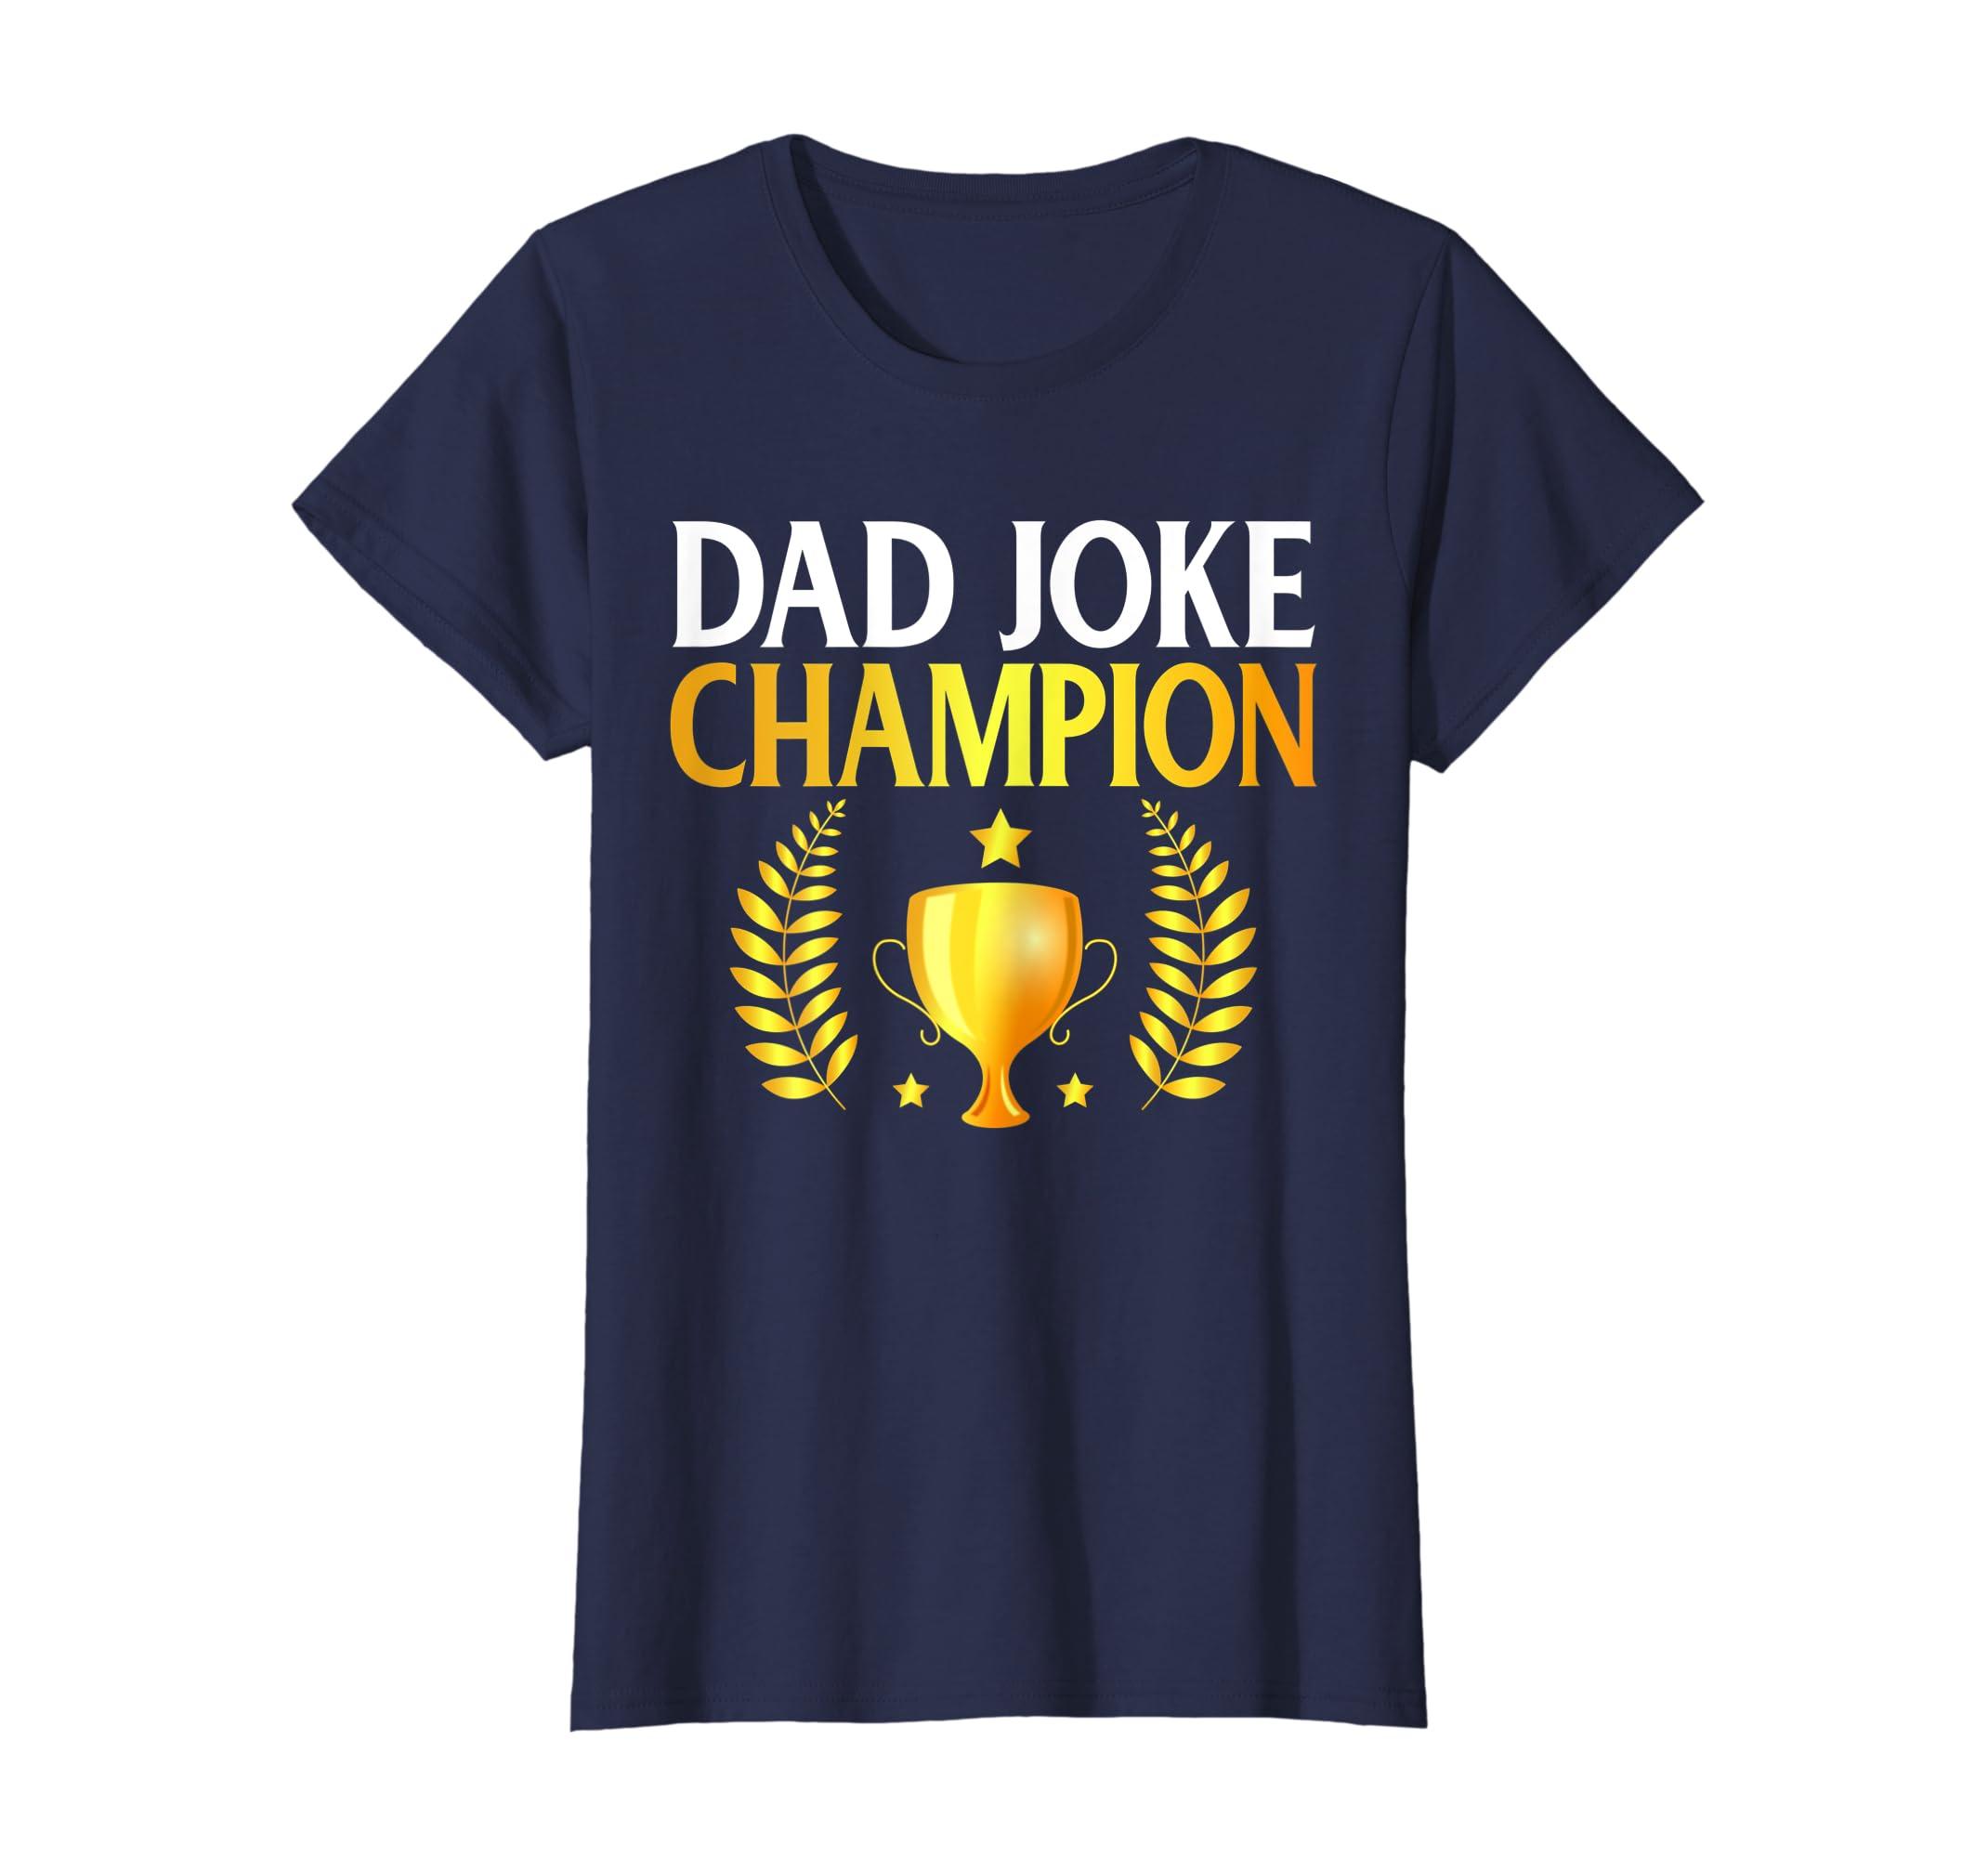 fe41de2a1 Amazon.com: Funny Dad Joke Champion T Shirt Men Women Gift: Clothing